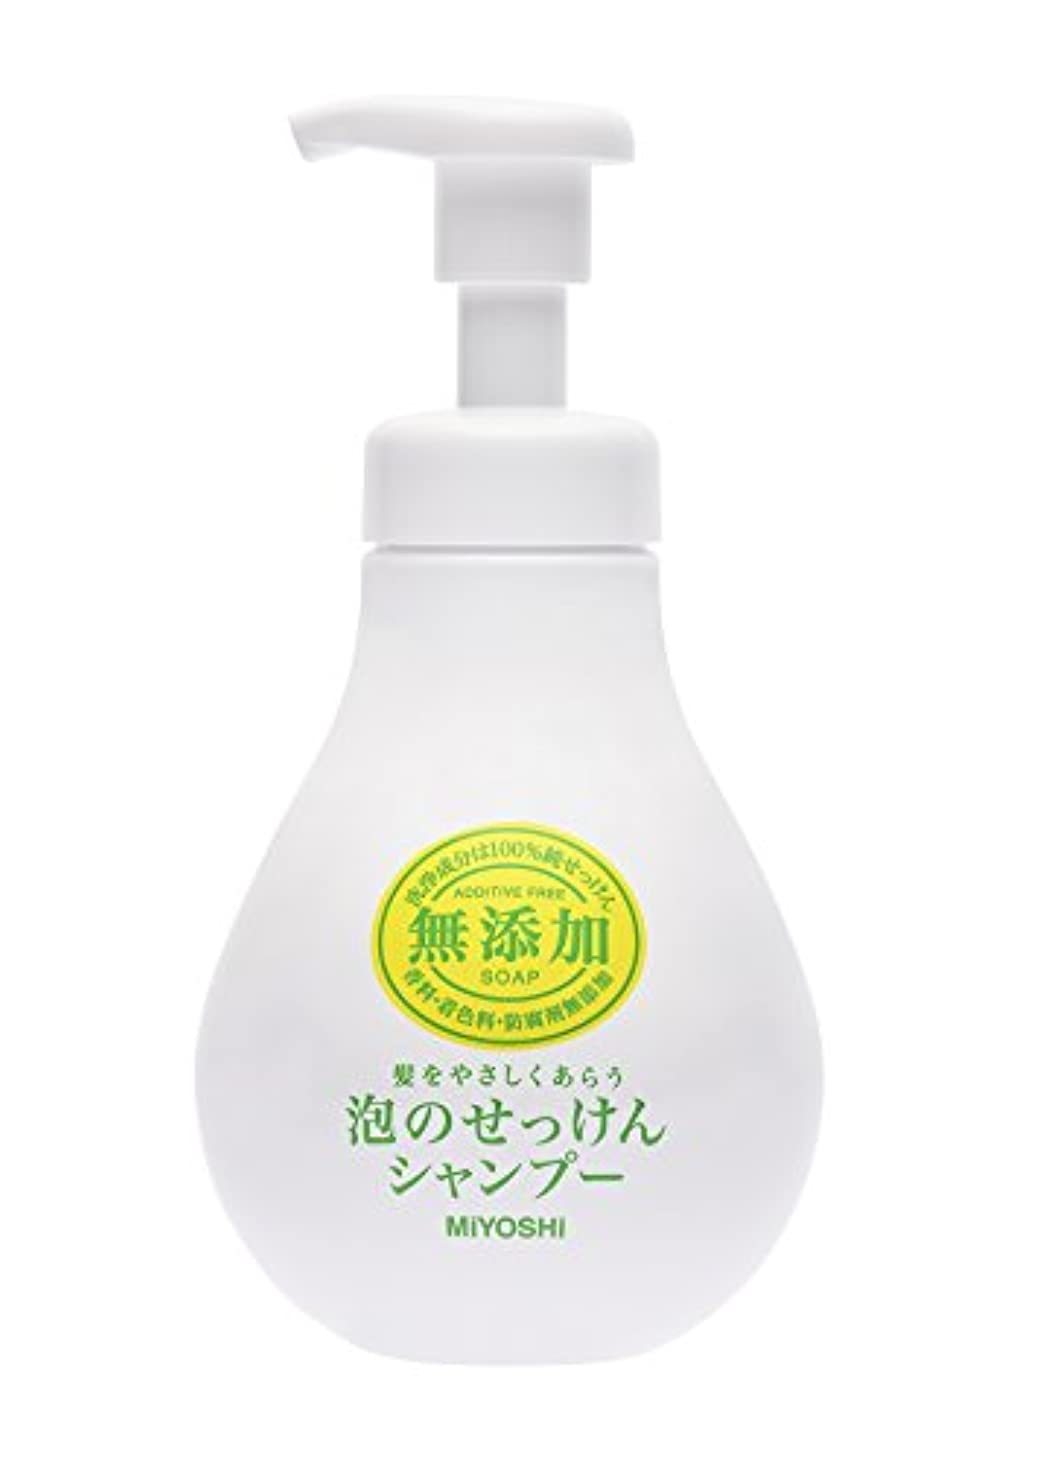 ディーラーネクタイ立場ミヨシ石鹸 無添加 泡のせっけんシャンプー シャンプー本体 500mL